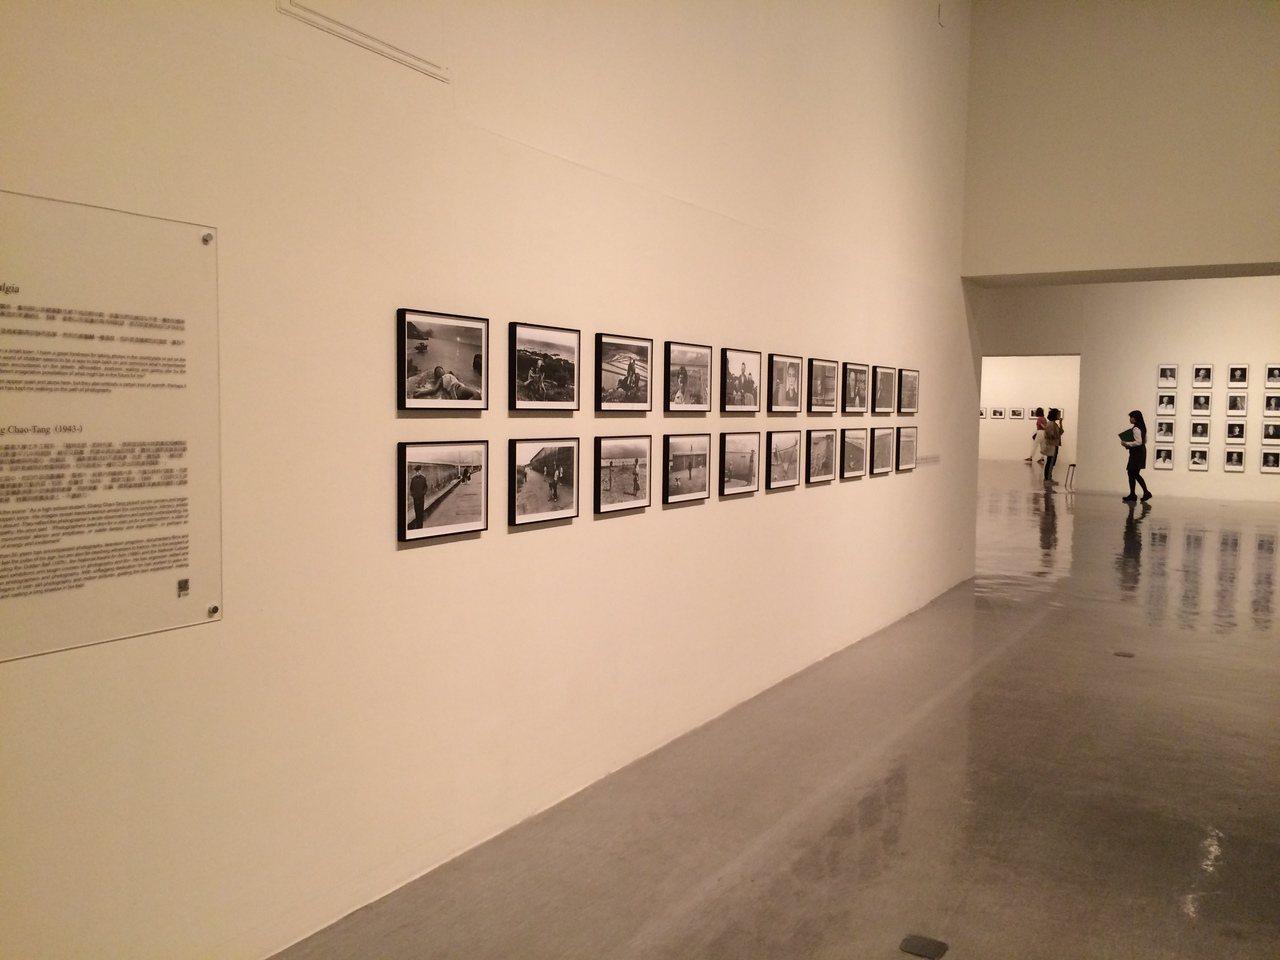 【回望─臺灣攝影家的島嶼凝視 1970s-1990s】 展間